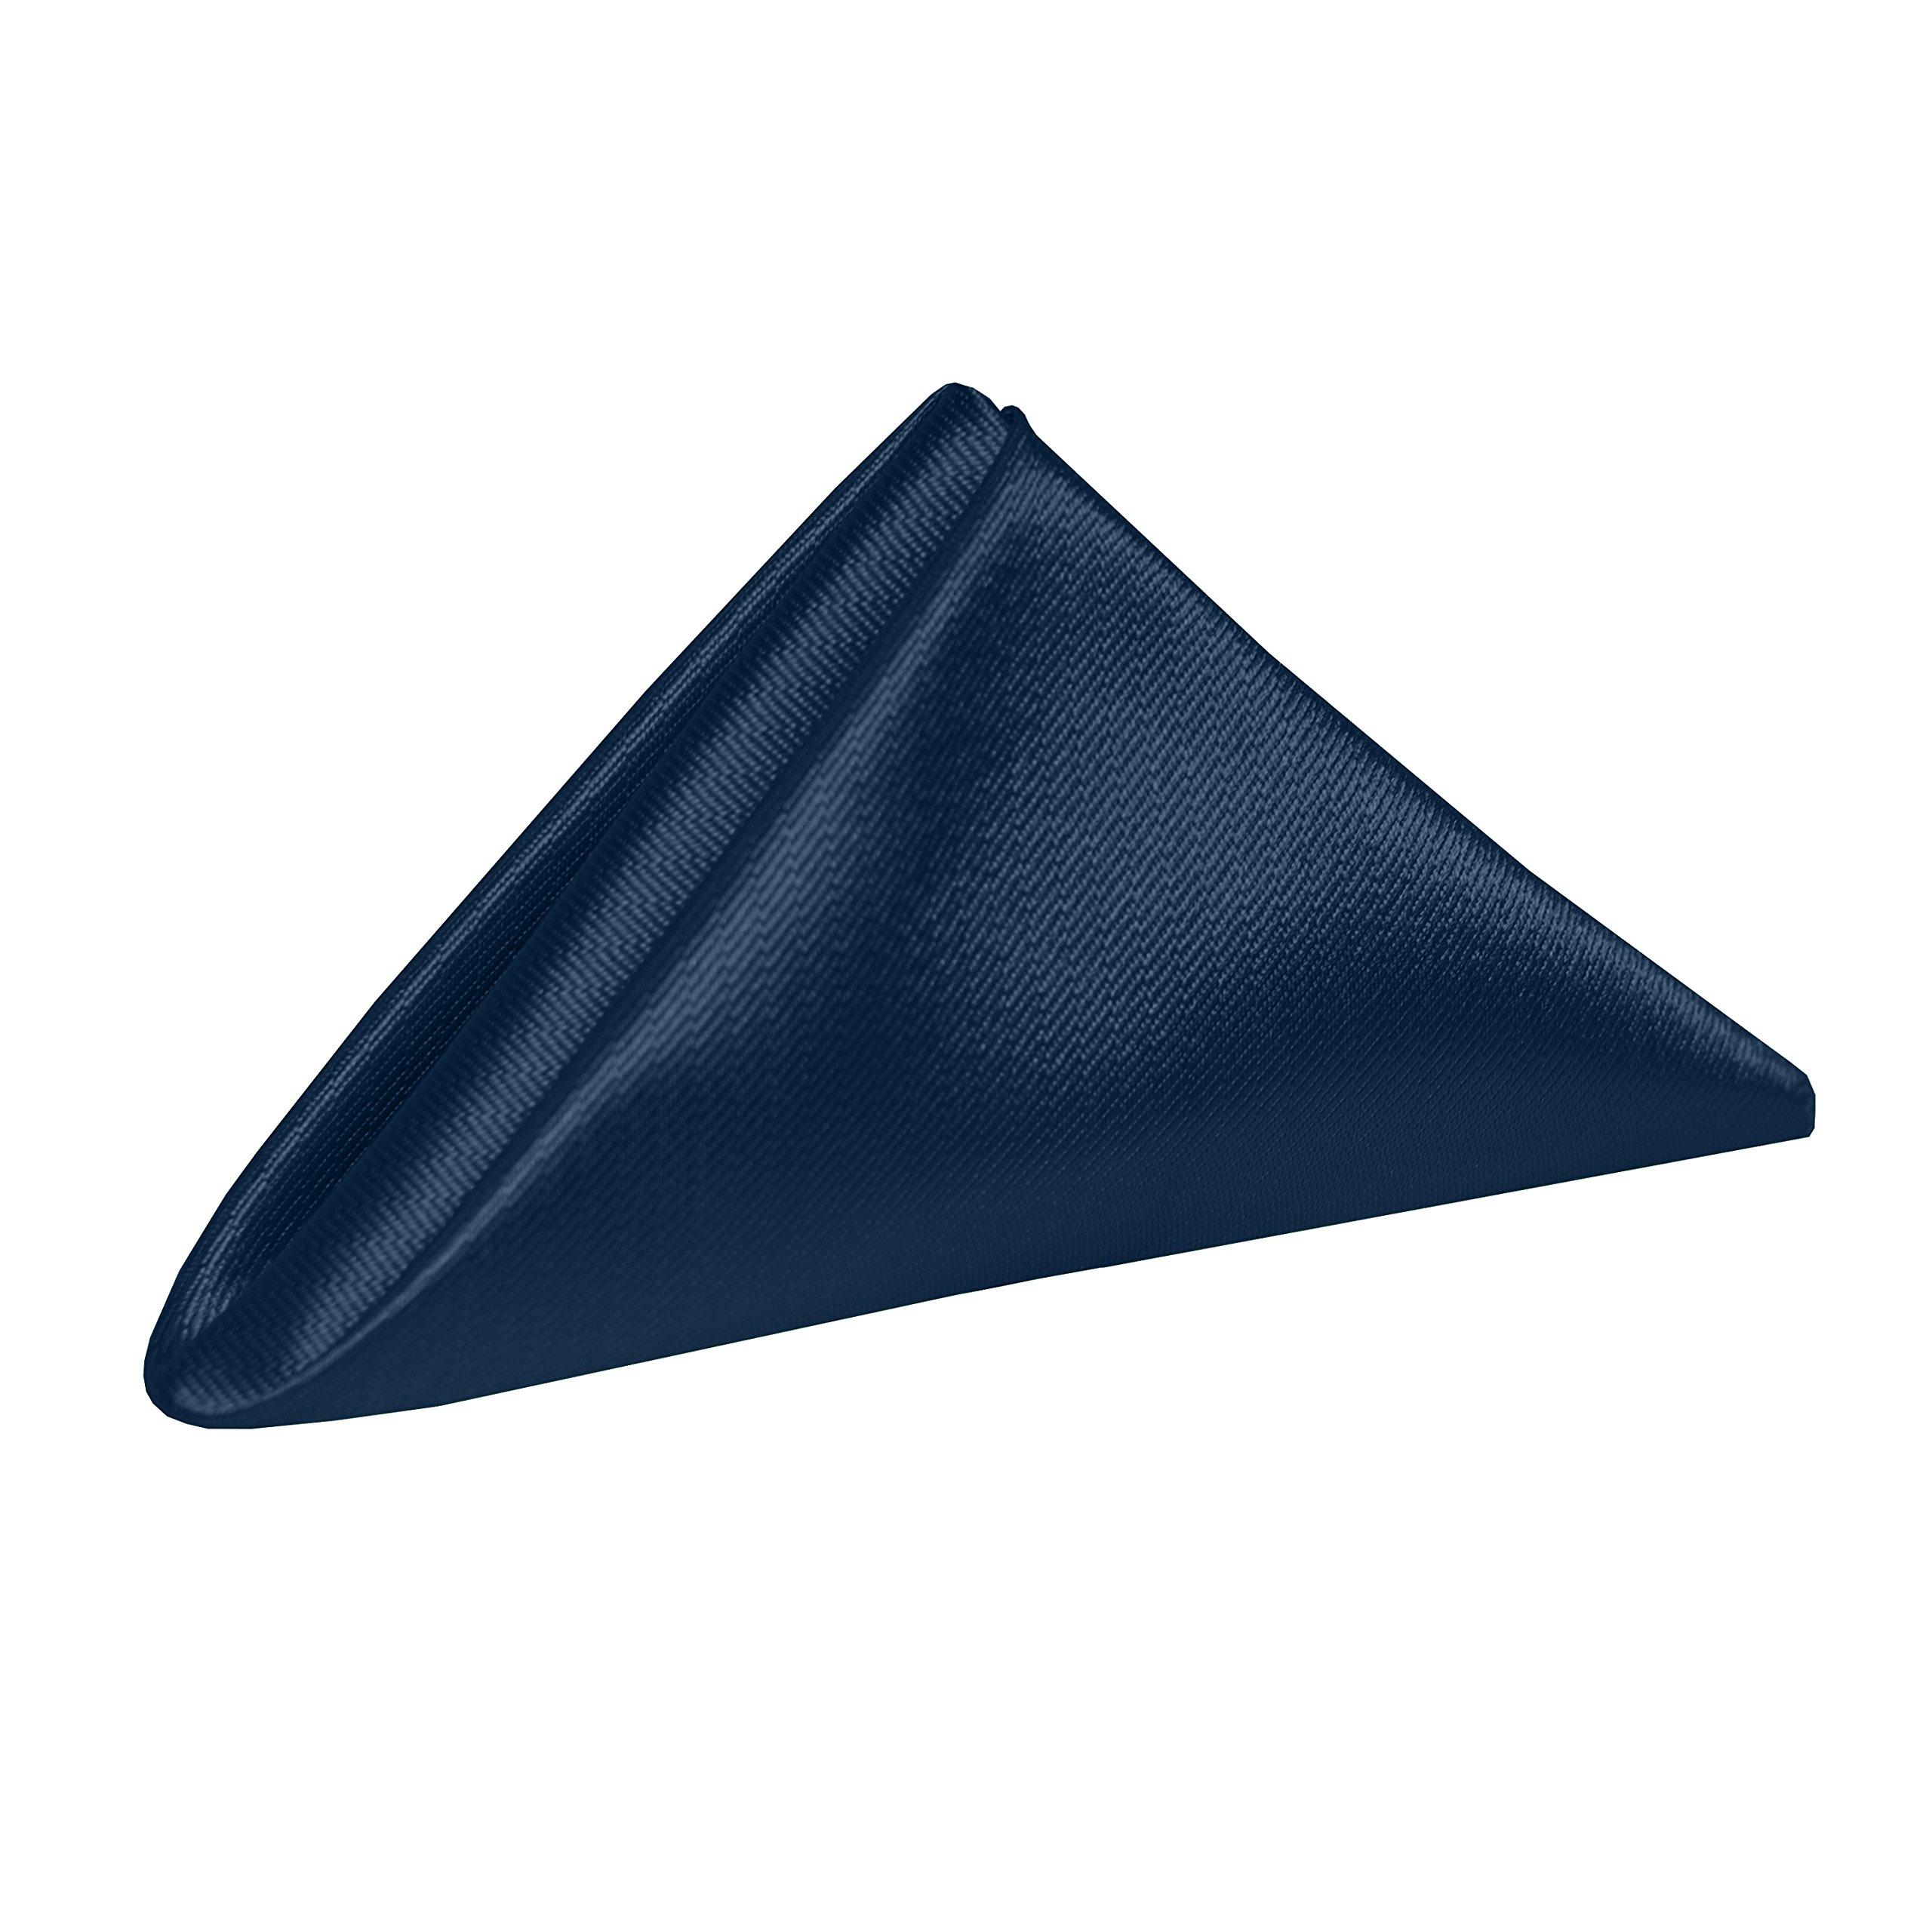 Ultimate Textile (2 Dozen) Herringbone - Fandango 20 x 20-Inch Napkins, Navy Blue